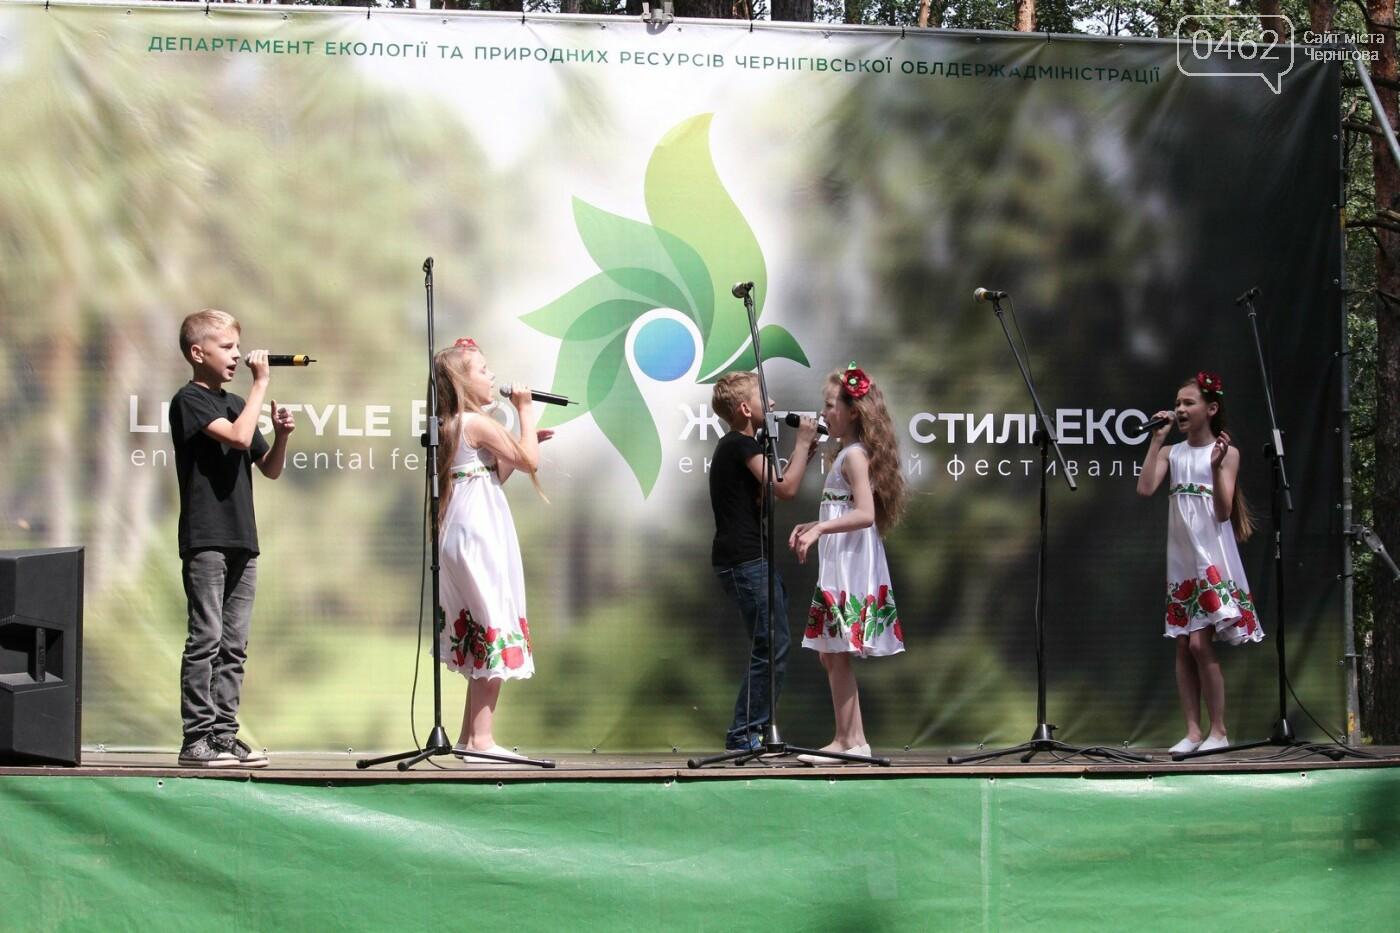 В Чернигове состоялся экологический фестиваль, фото-3